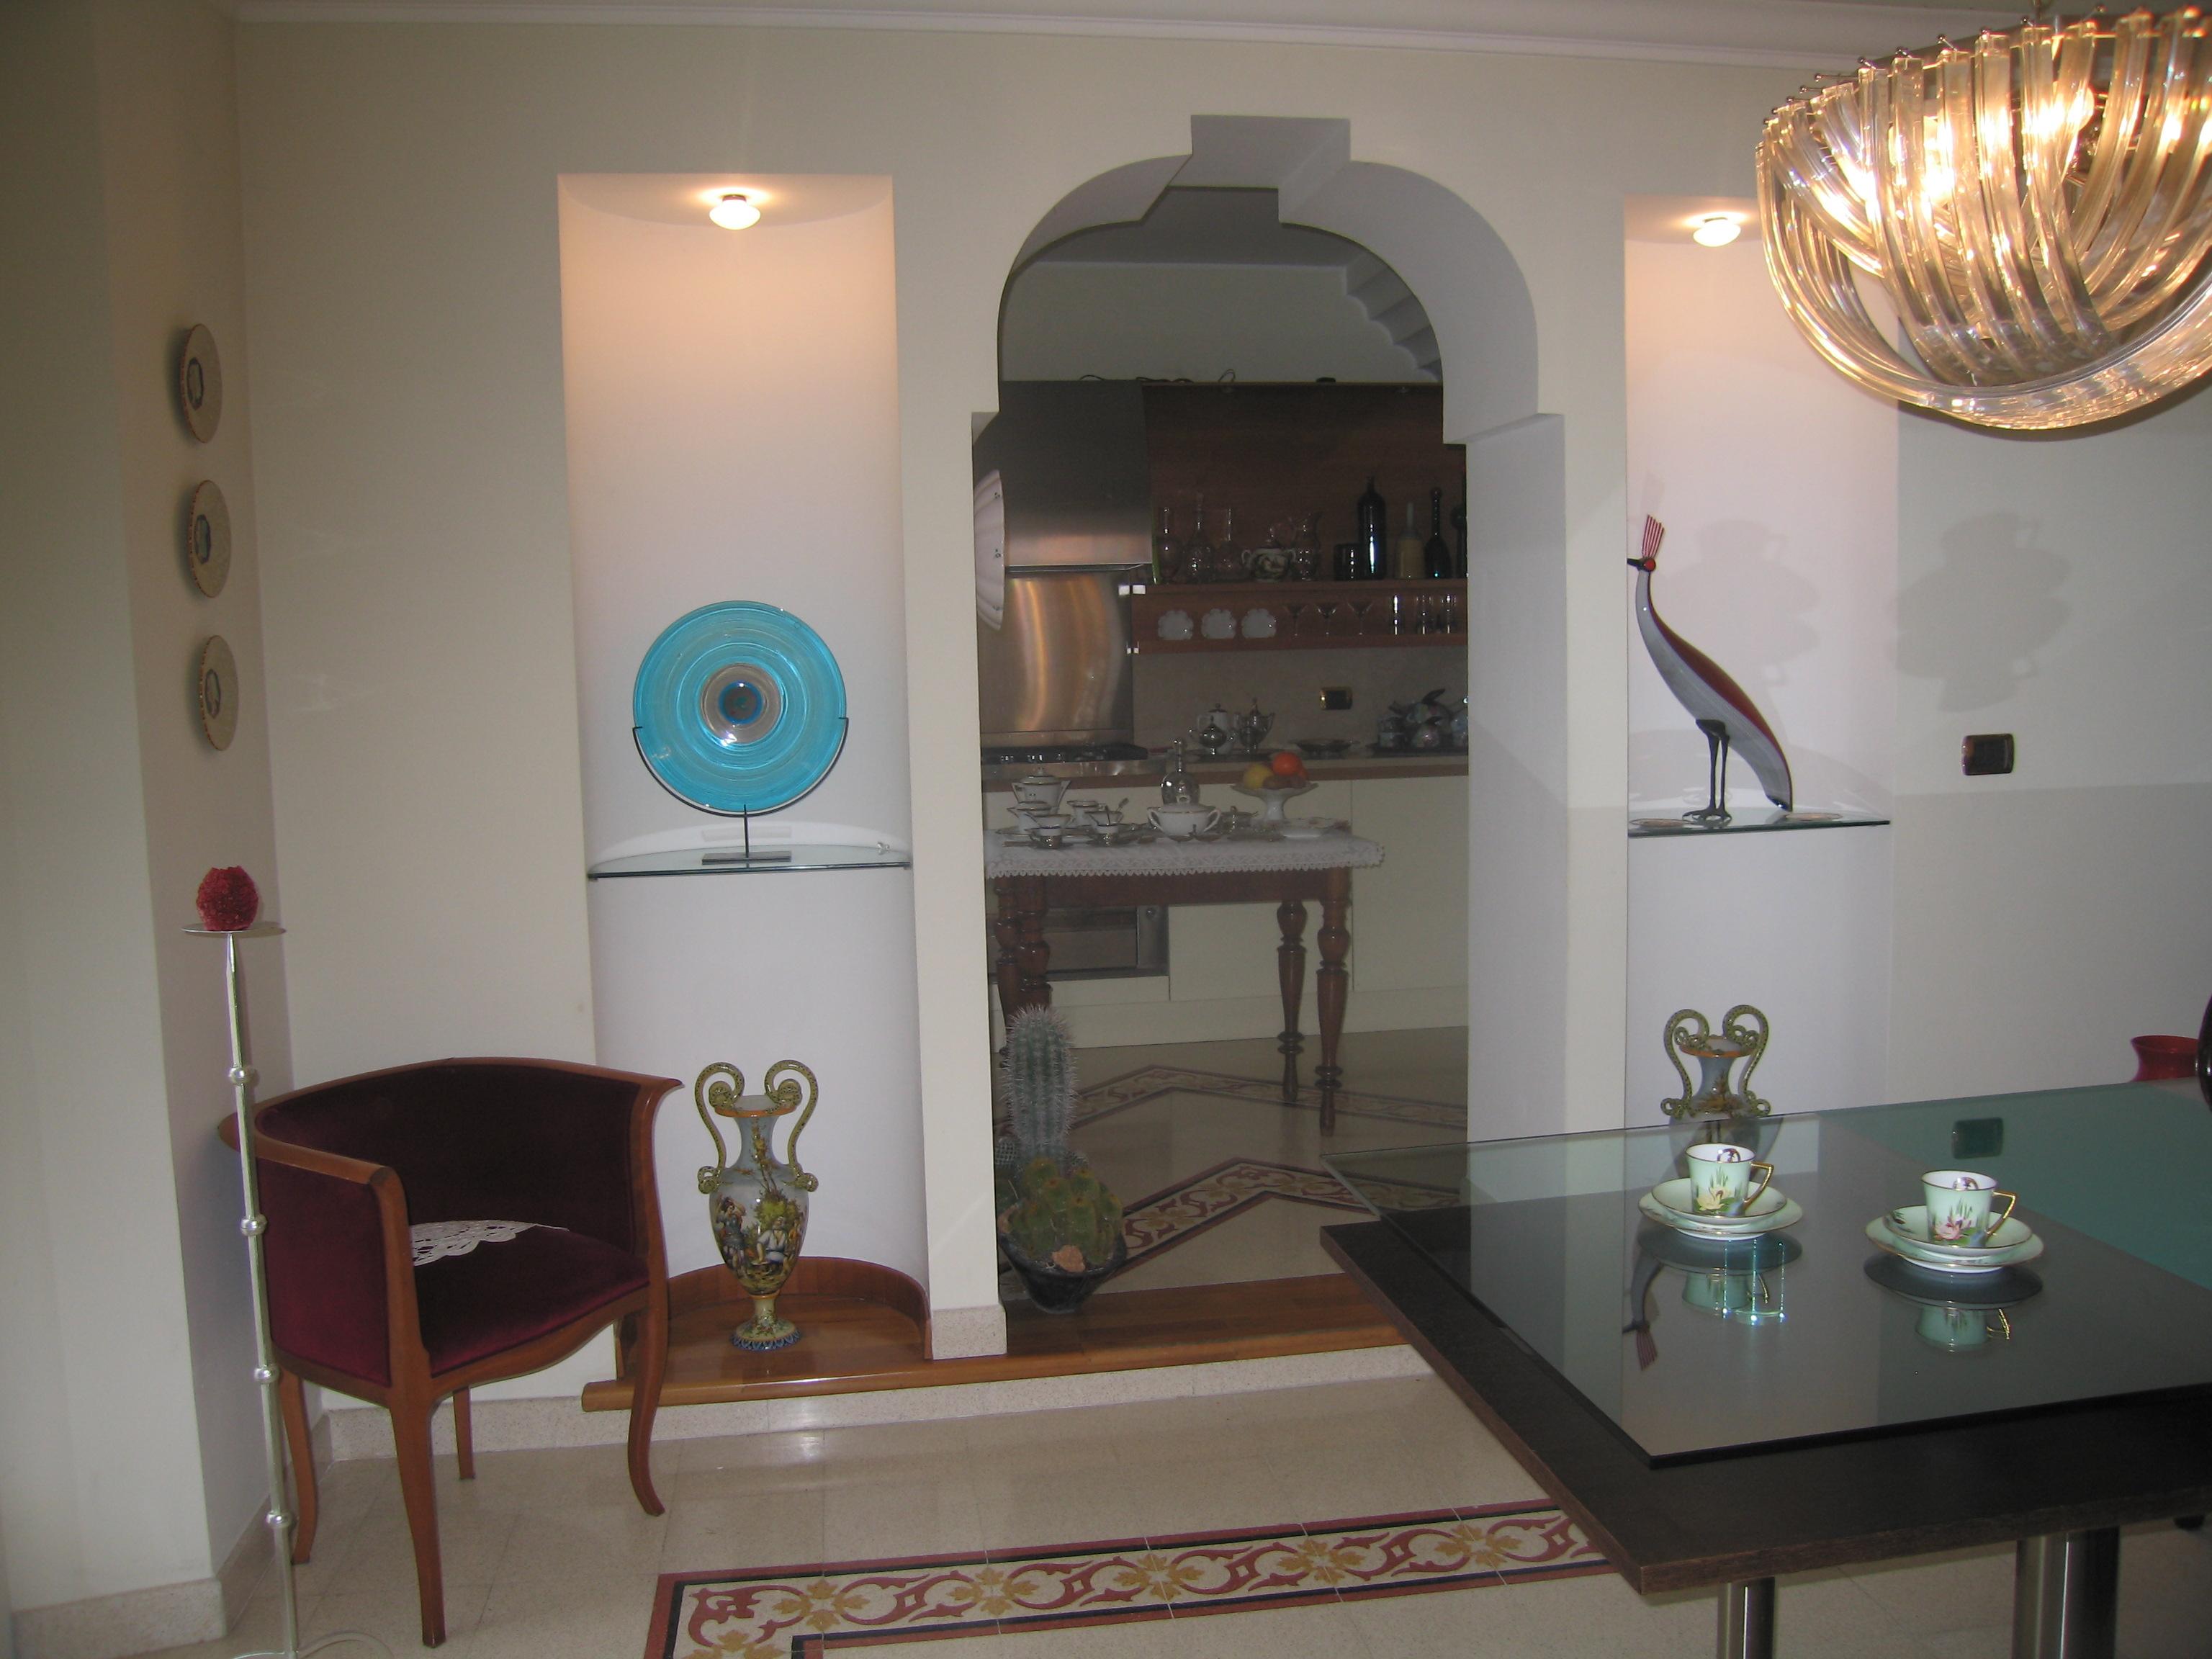 Consigli per migliorare la propria casa